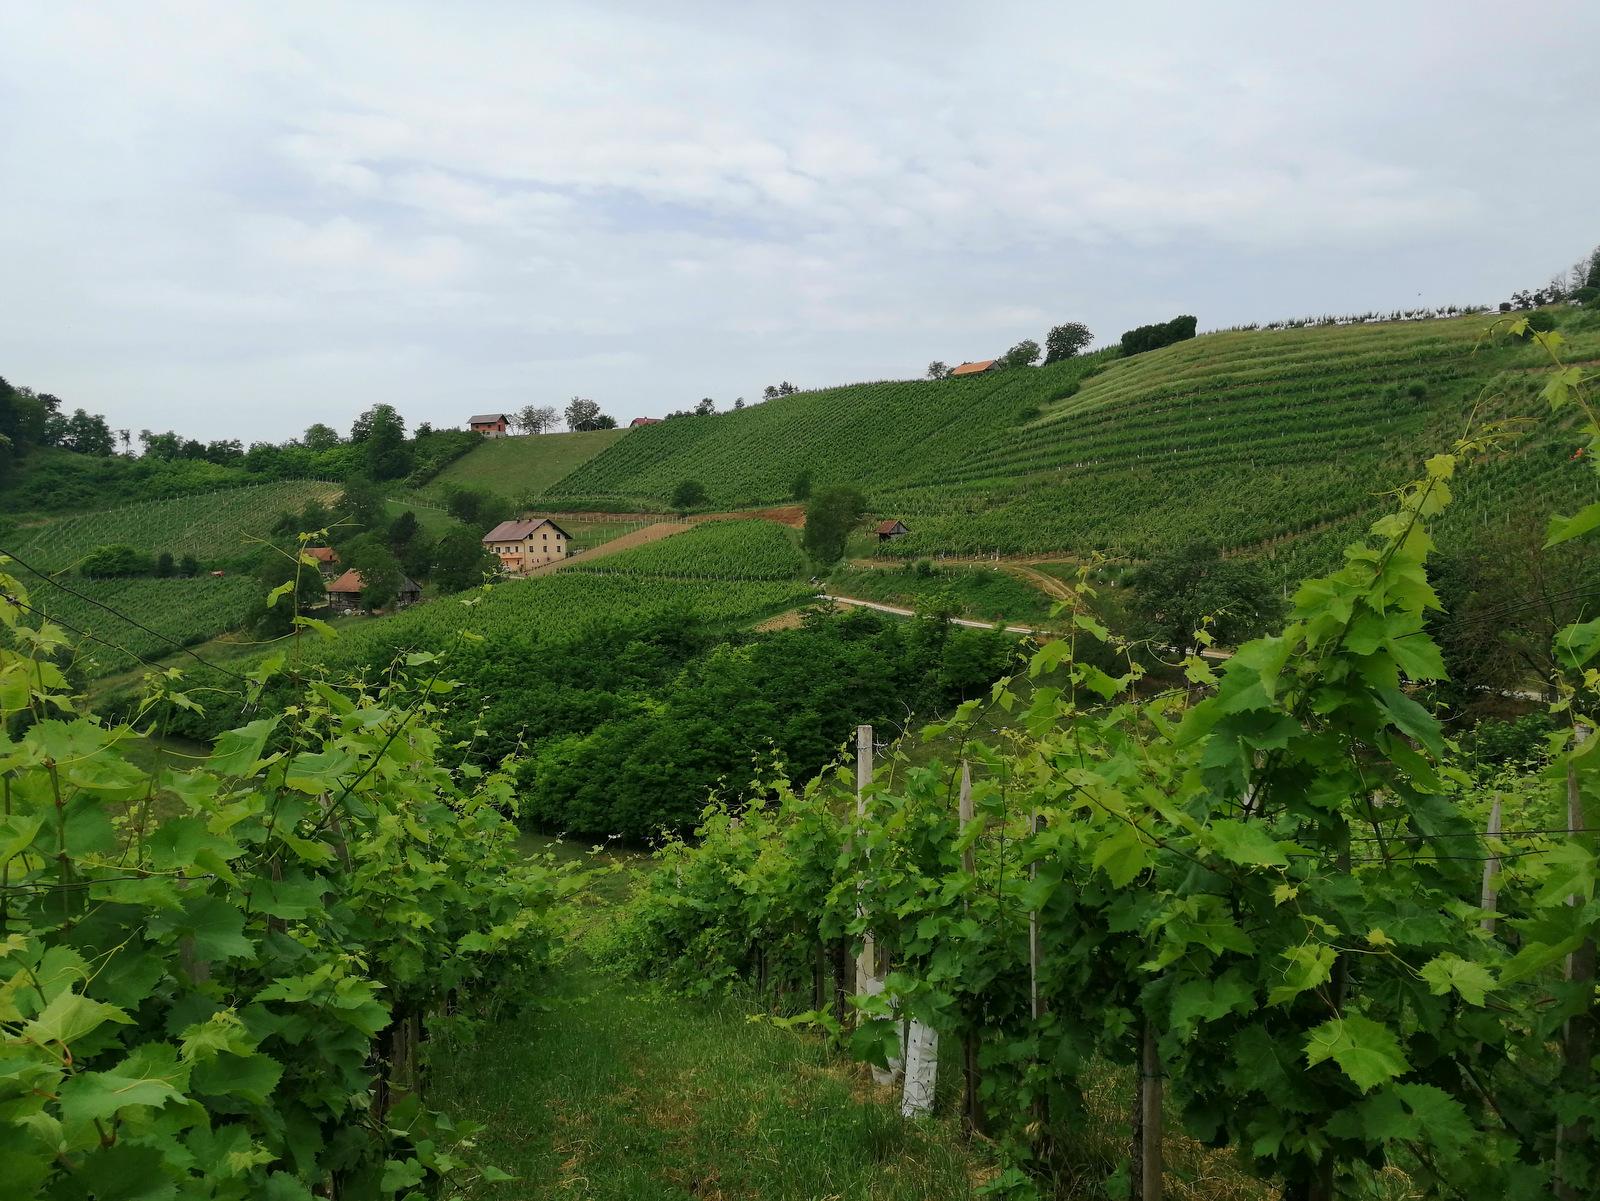 Vinorodna okolica